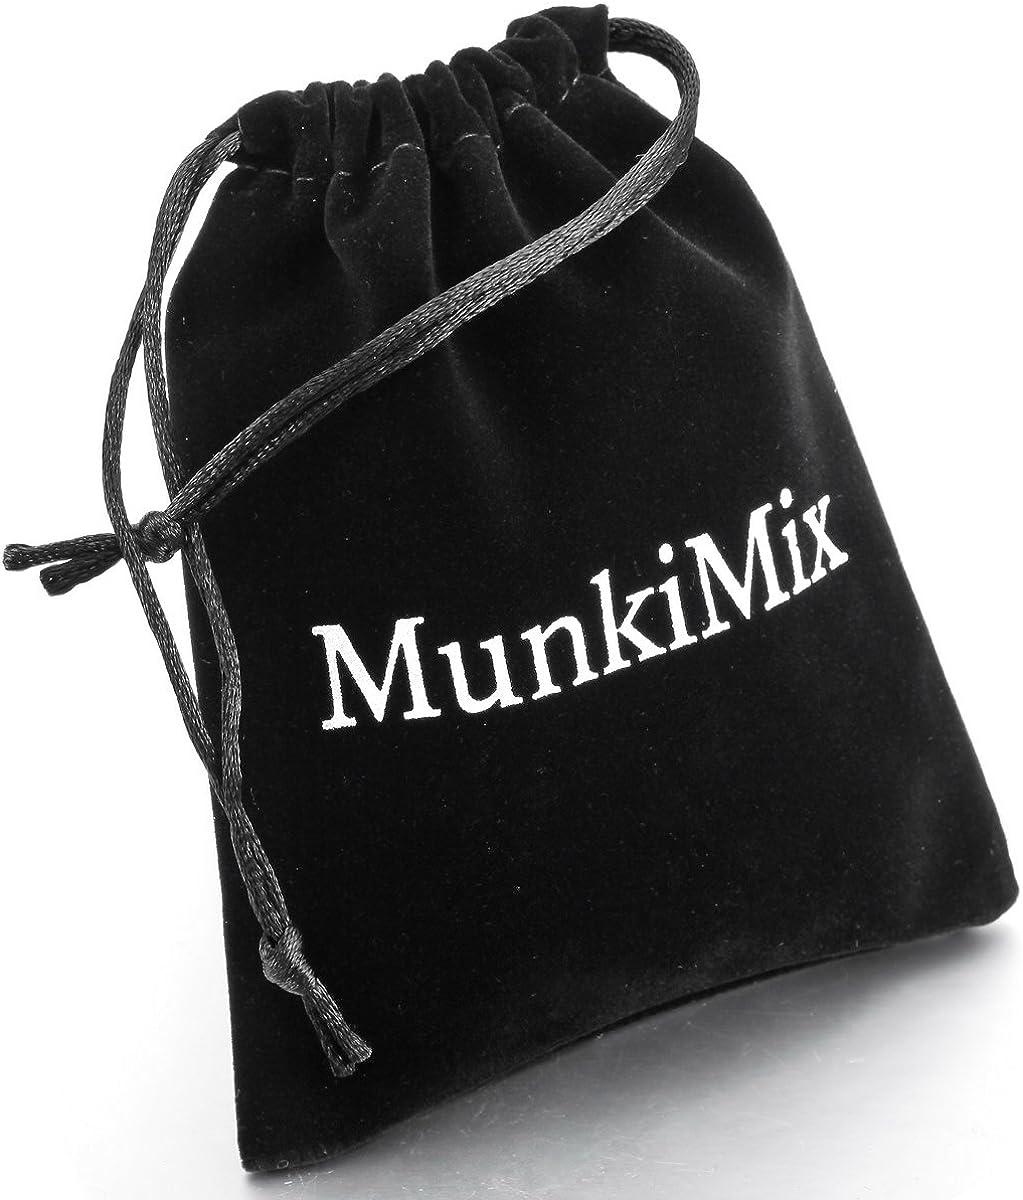 MunkiMix Acciaio Inossidabile Pendente Ciondolo Collana Boxe Guanti Uomo,Catenina Lunga 58 cm Inclusa